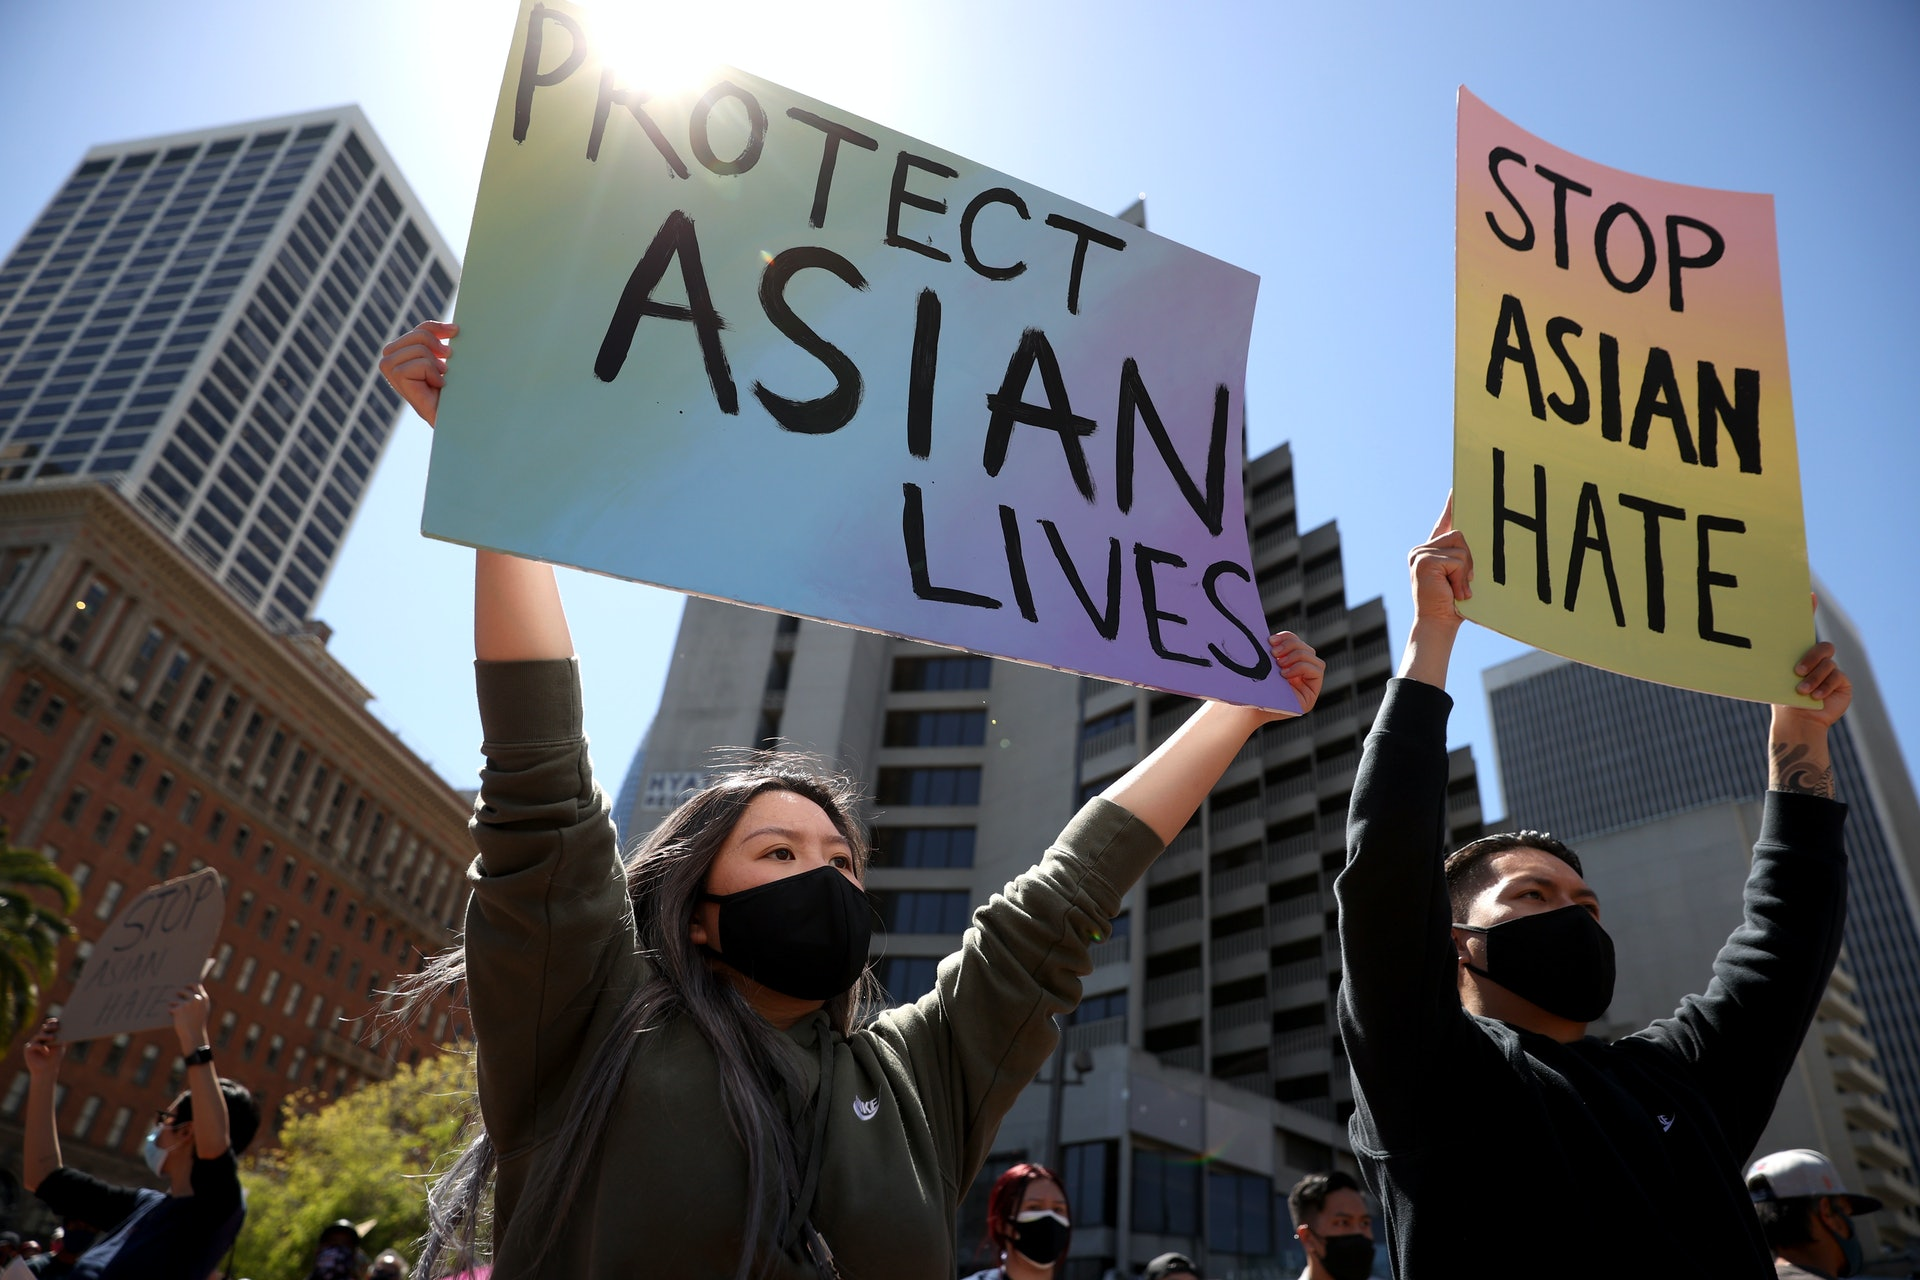 今年3月亞特蘭大按摩中心槍擊案發生後,美國多個城市出現呼籲「停止亞裔仇恨」的示威活動。(Getty Images)